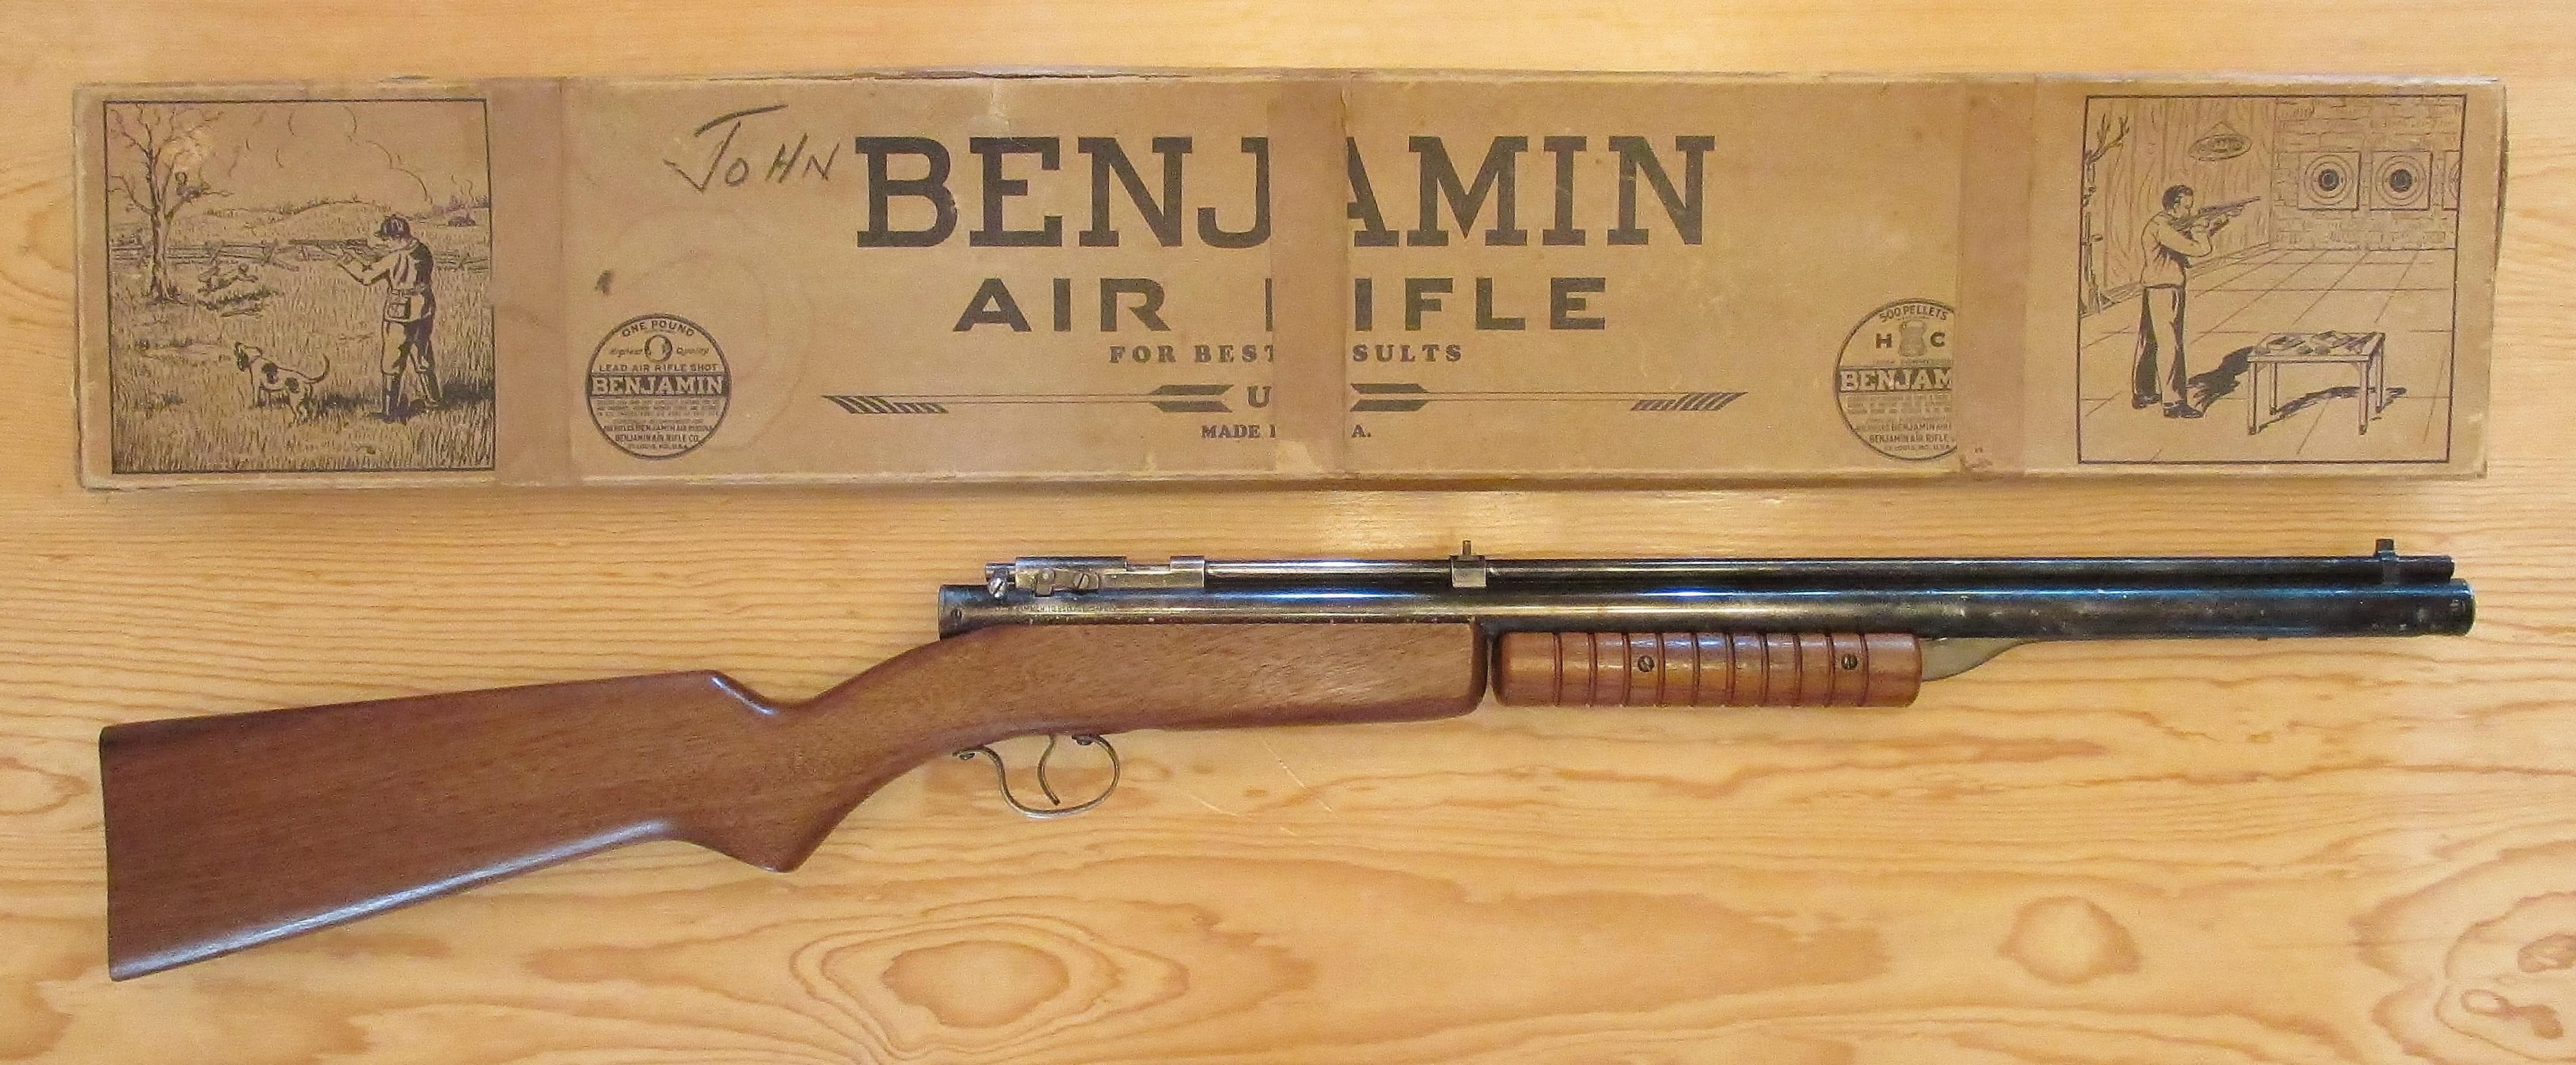 1a-Benji 312.JPG